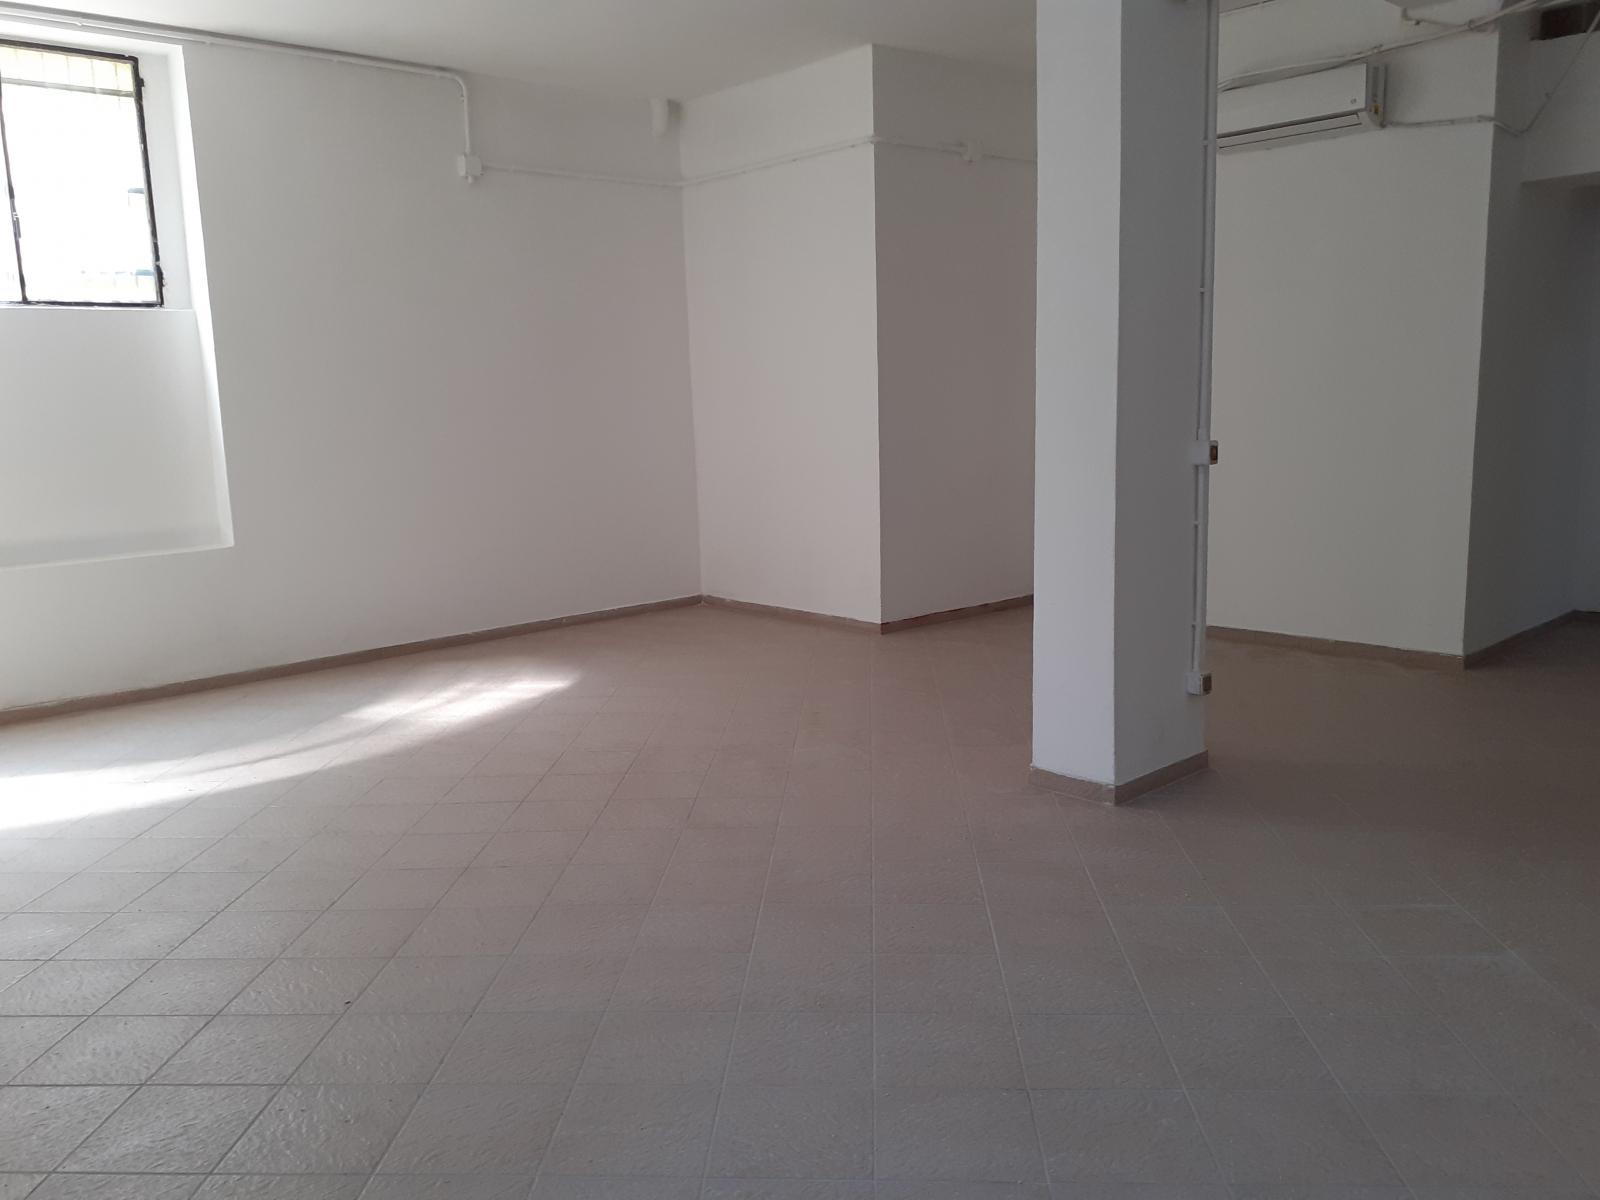 laboratorio-magazzino-in-vendita-affitto-a-baggio-spaziourbano-immobiliare-vende-affitta-1